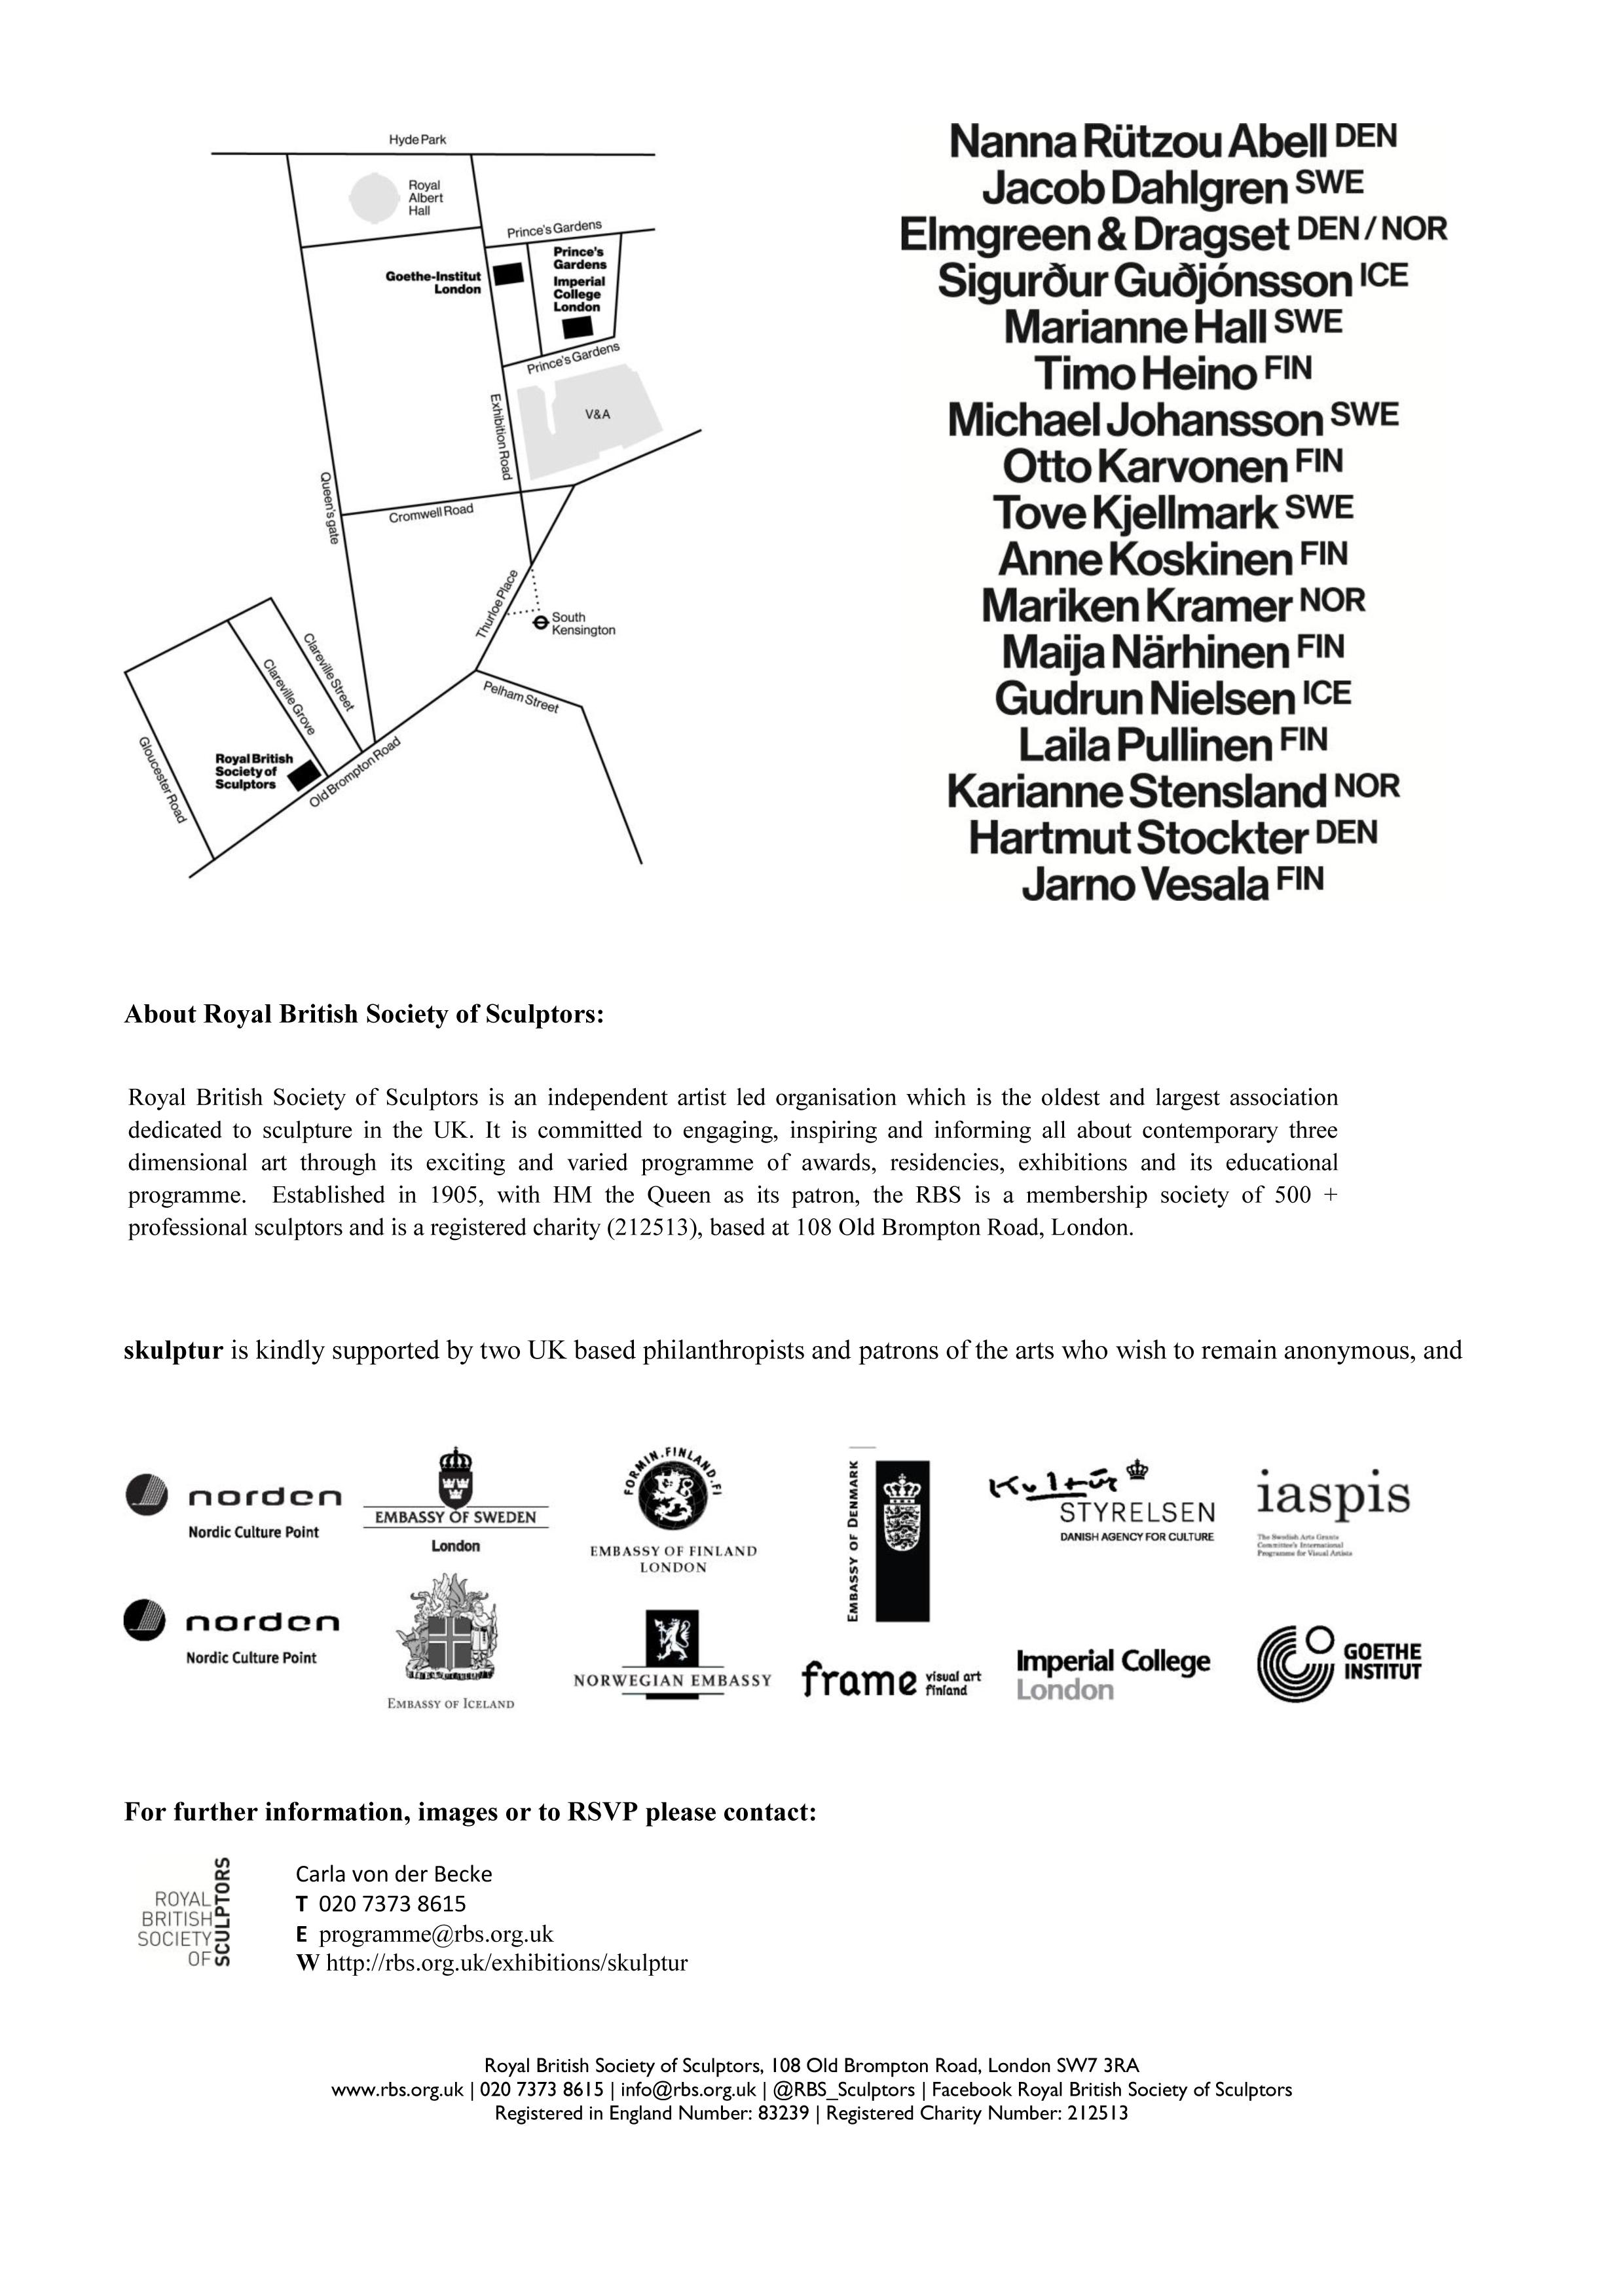 SKULPTUR-Press Release-1-1-2.jpg